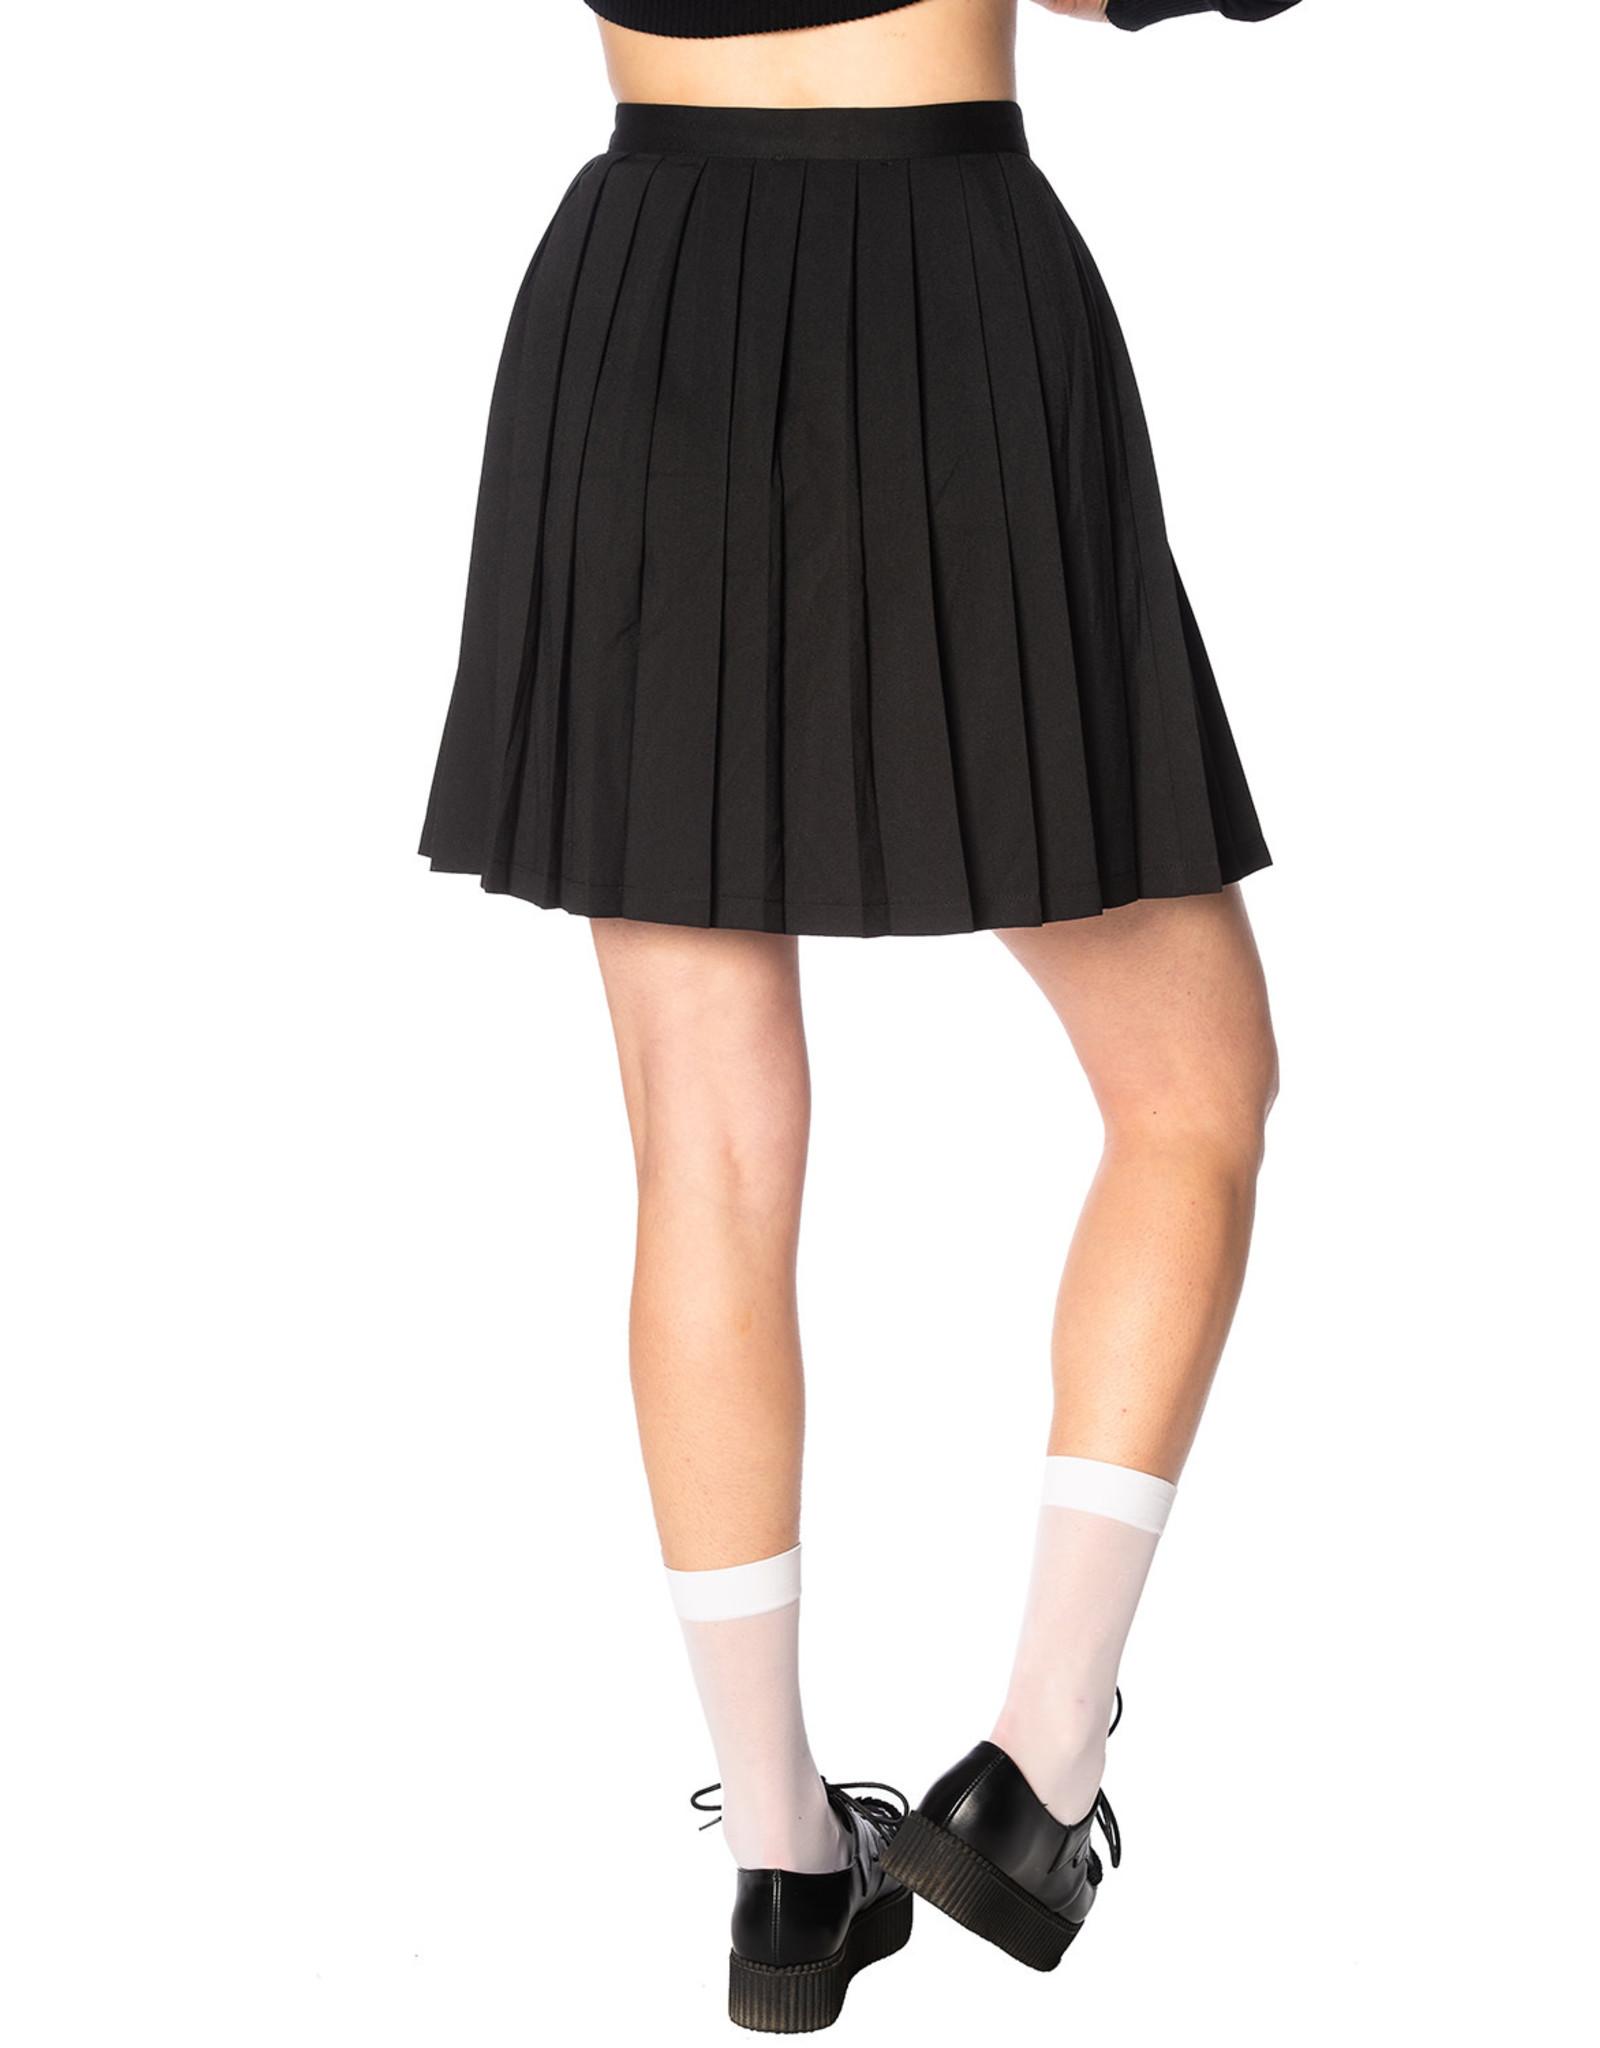 BANNED - Urban Vamp Black Pleats Skirt